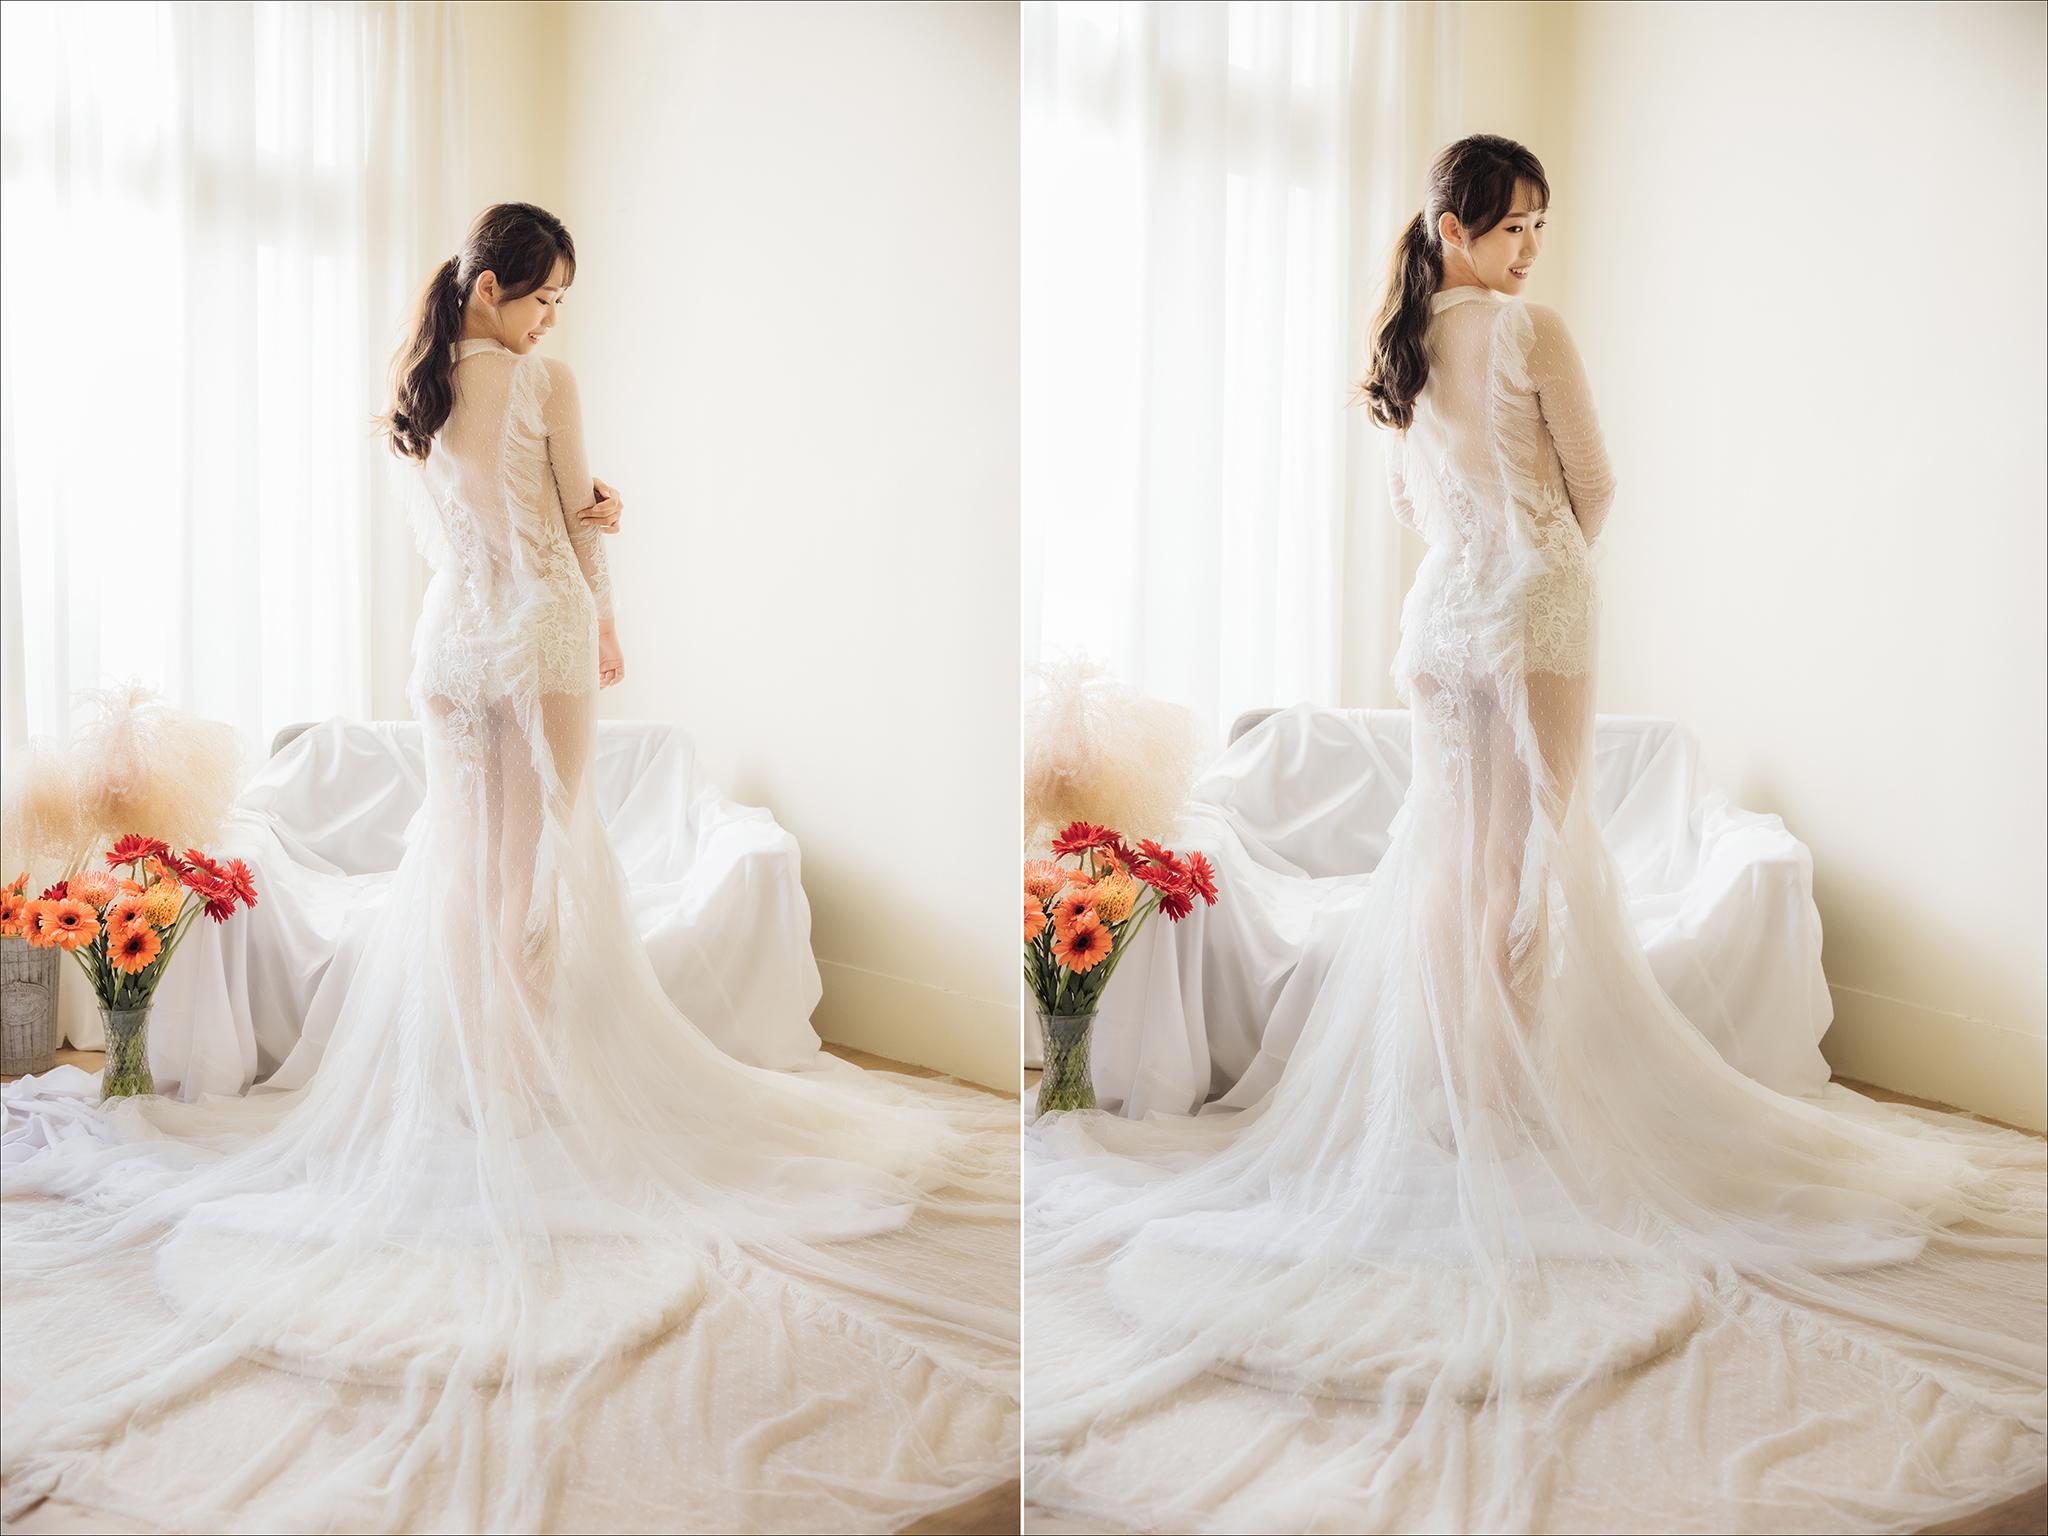 51577451136 bd9408a4e4 o - 【自主婚紗】+江jiang+